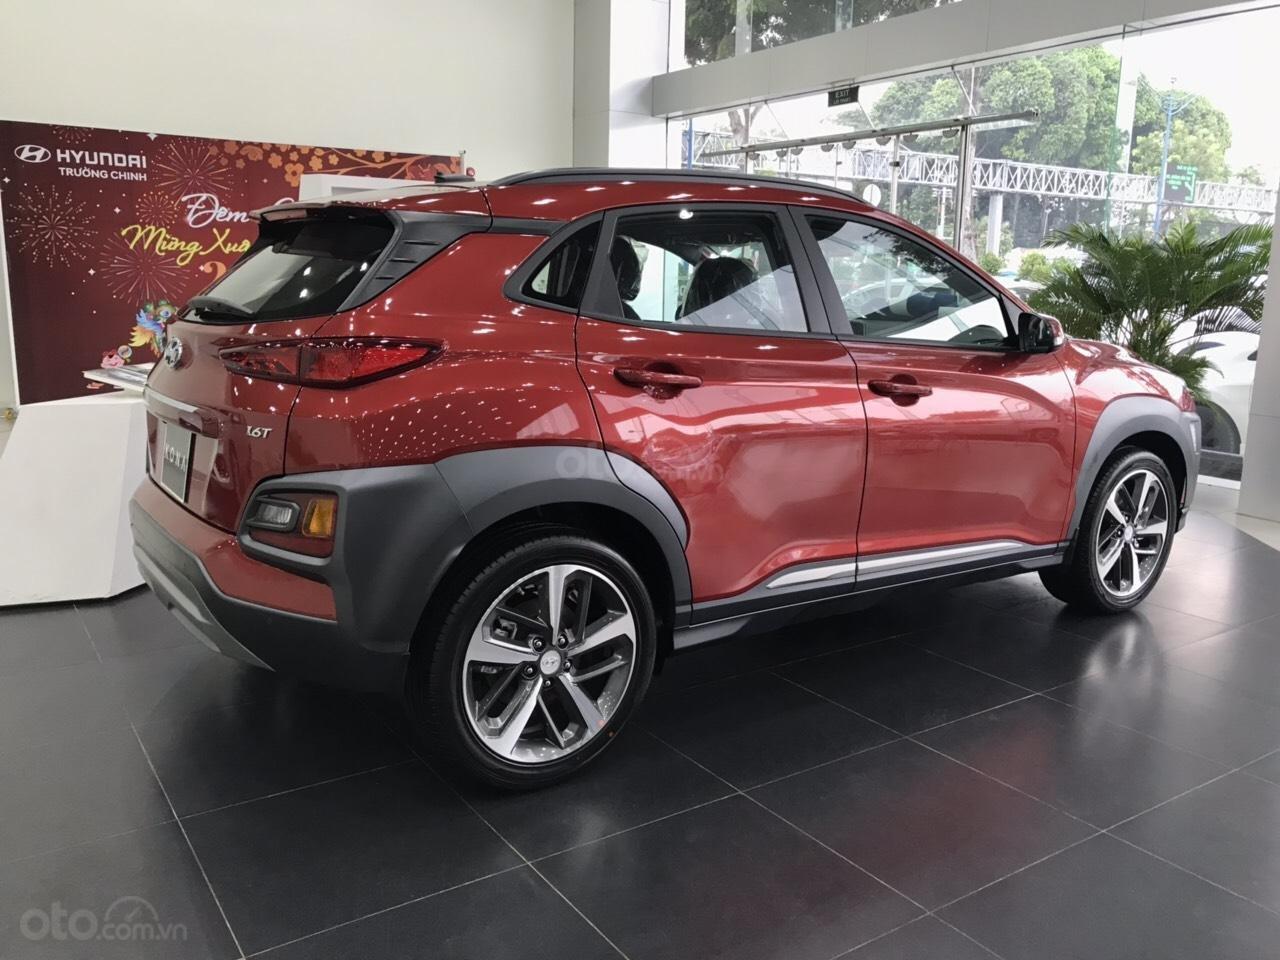 Hyundai An Phú bán Hyundai Kona giá tốt, hỗ trợ trả góp lãi suất ưu đãi, liên hệ Mr Nghĩa 0902870848 để được hỗ trợ (2)